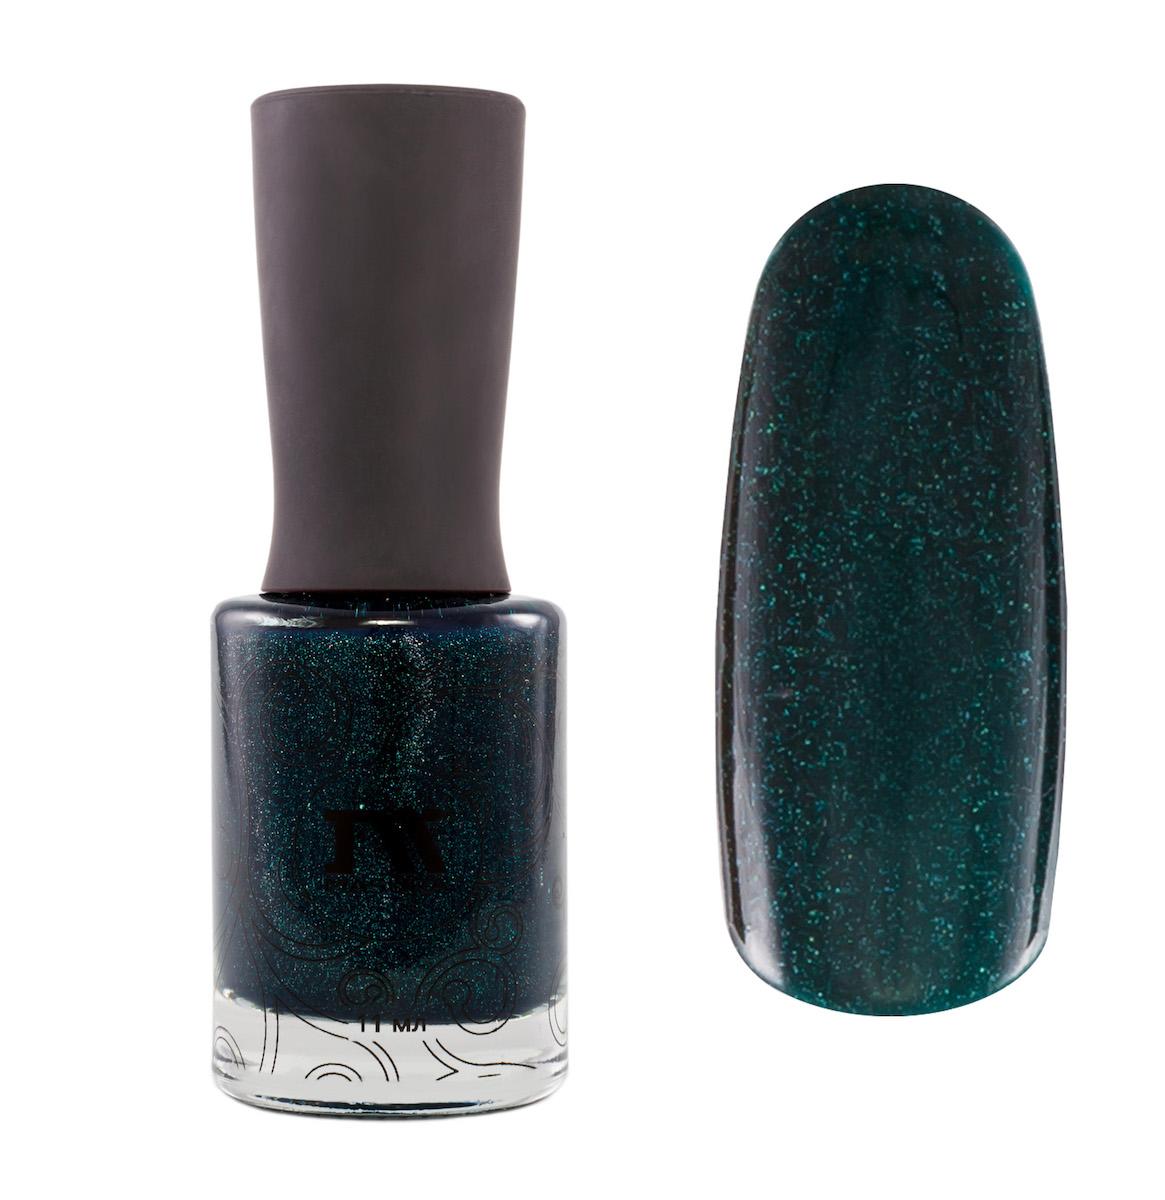 Masura Лак для ногтей Поменьше бы Понедельников, 11 мл002722темно-зеленый с изумрудным подтоном, с явным голографическим и зеленовато-голубым мерцанием